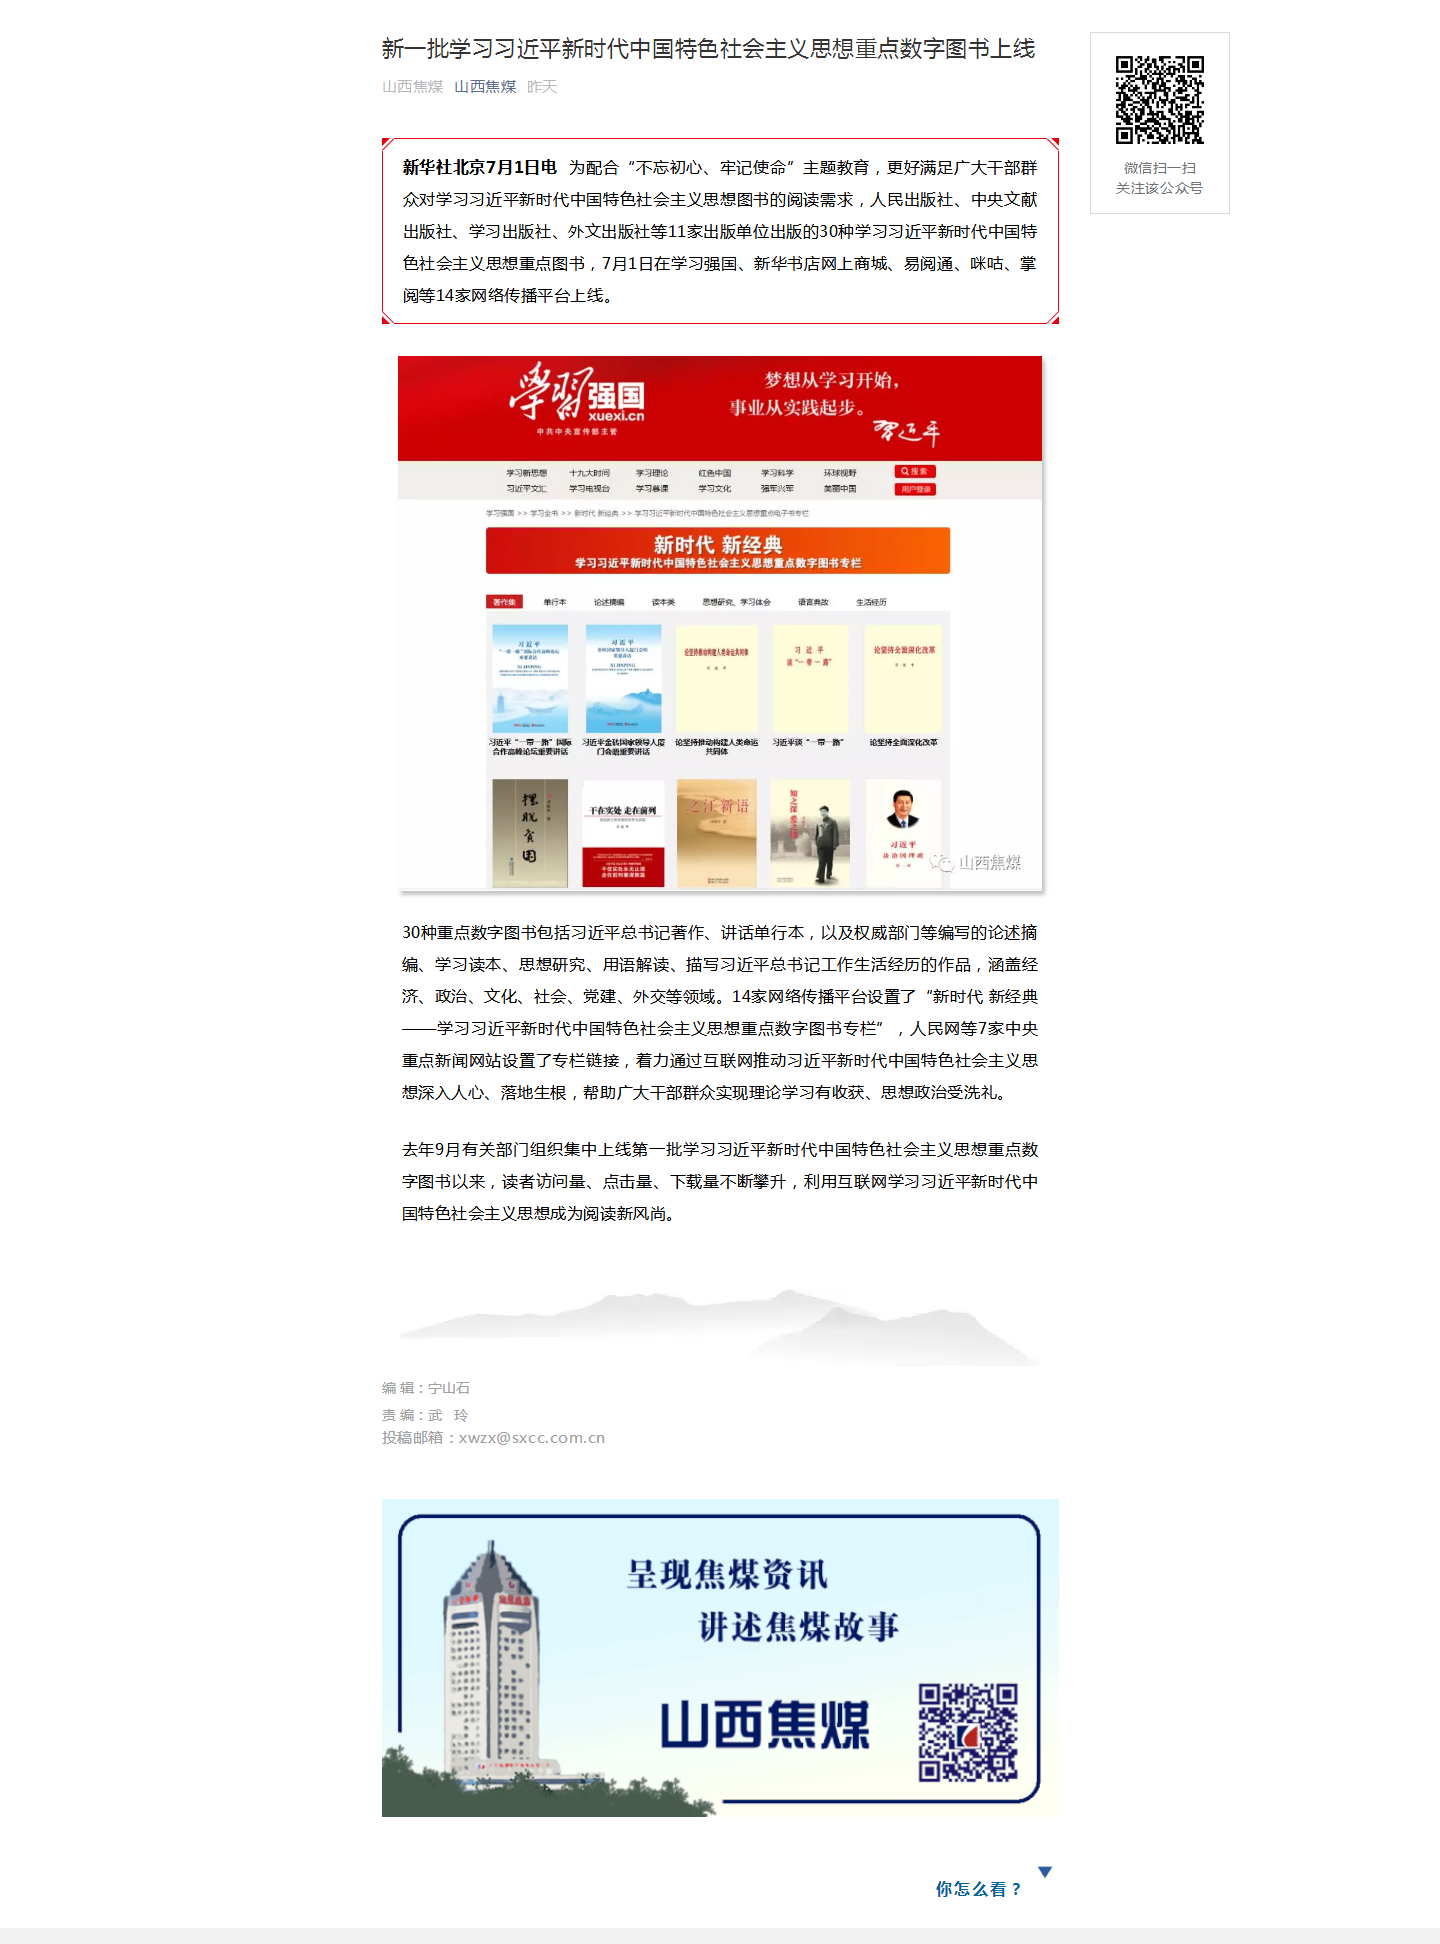 新一批學習習近平新時代中國特色社會主義思想重點數字圖書上線.png